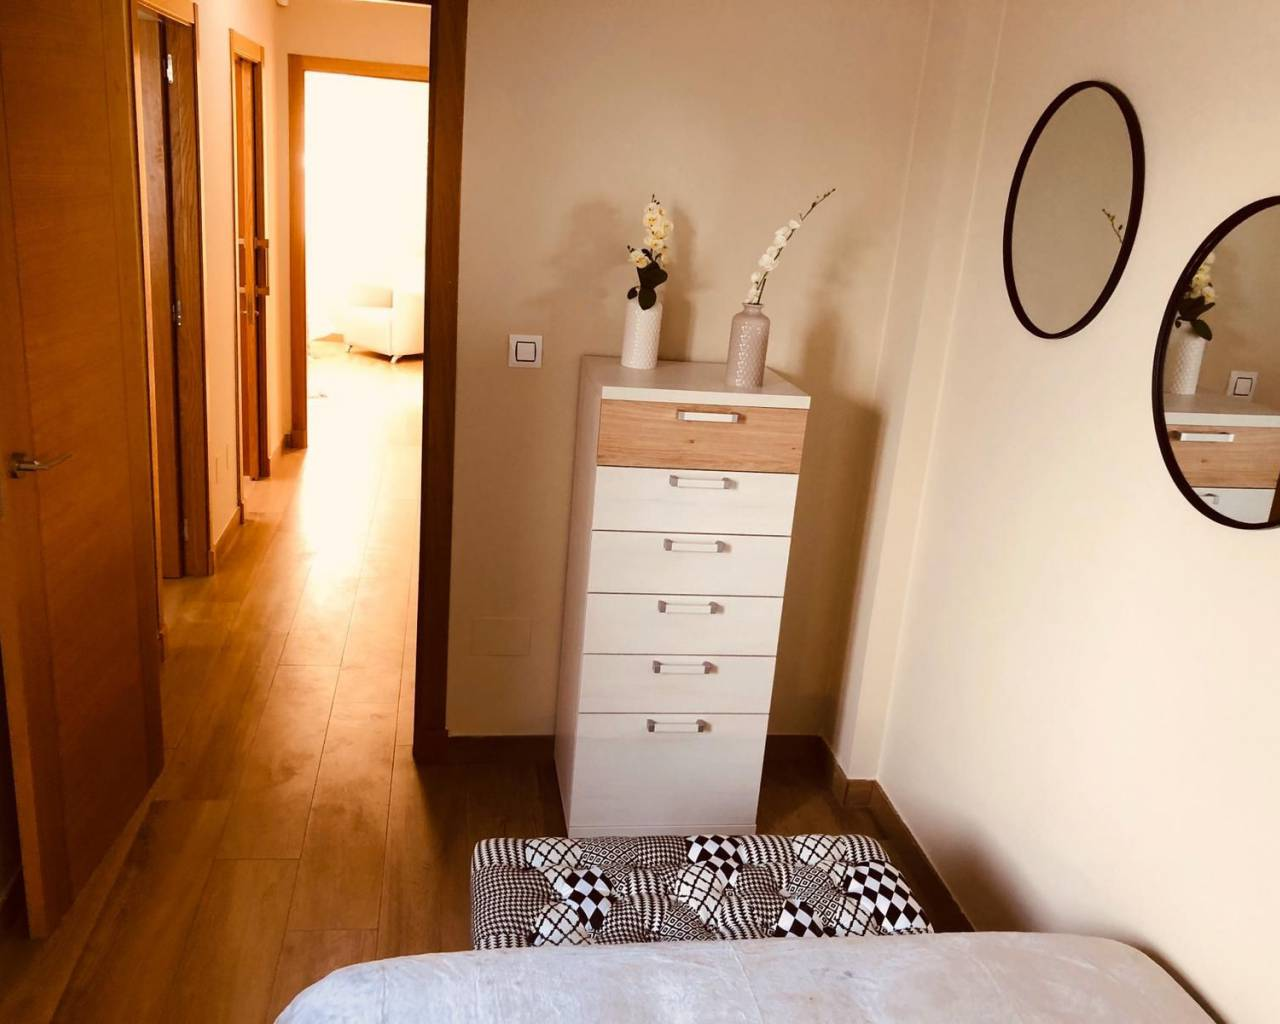 nieuwbouw-geschakelde-woning-duplex-torrevieja-los-balcones_5335_xl